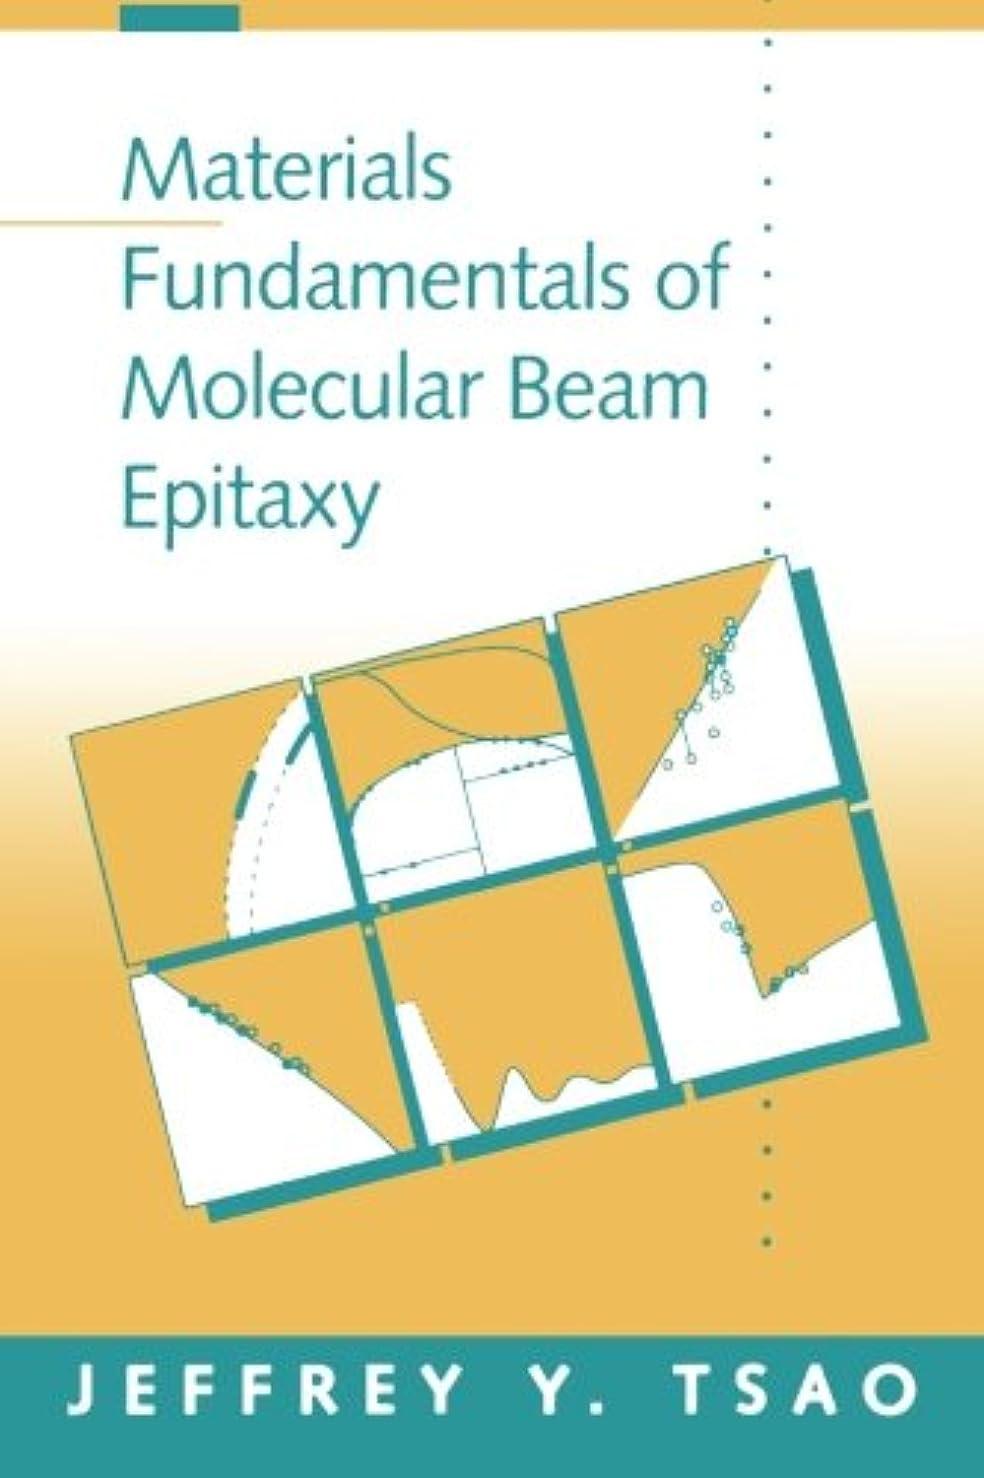 議題上にソフィーMaterials Fundamentals of Molecular Beam Epitaxy